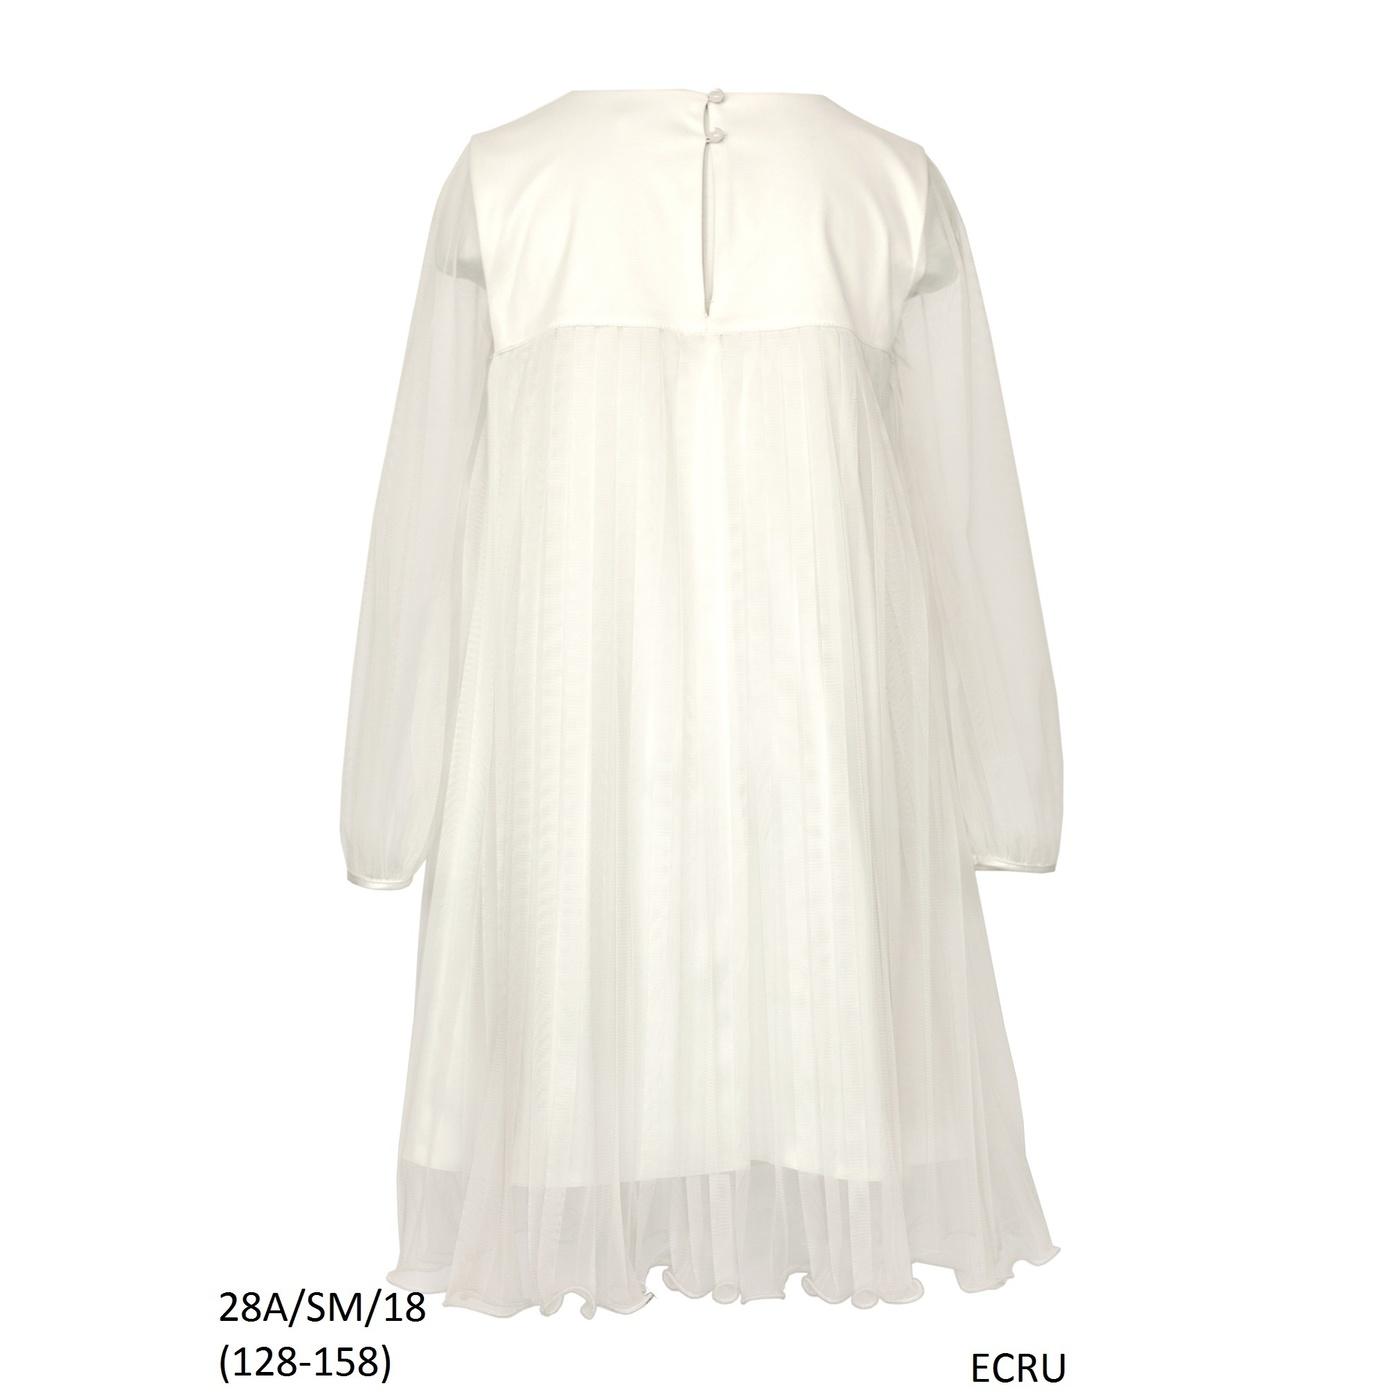 180d07039c Elegancka Sukienka dziewczęca na komunię 28a SM 18 ecru